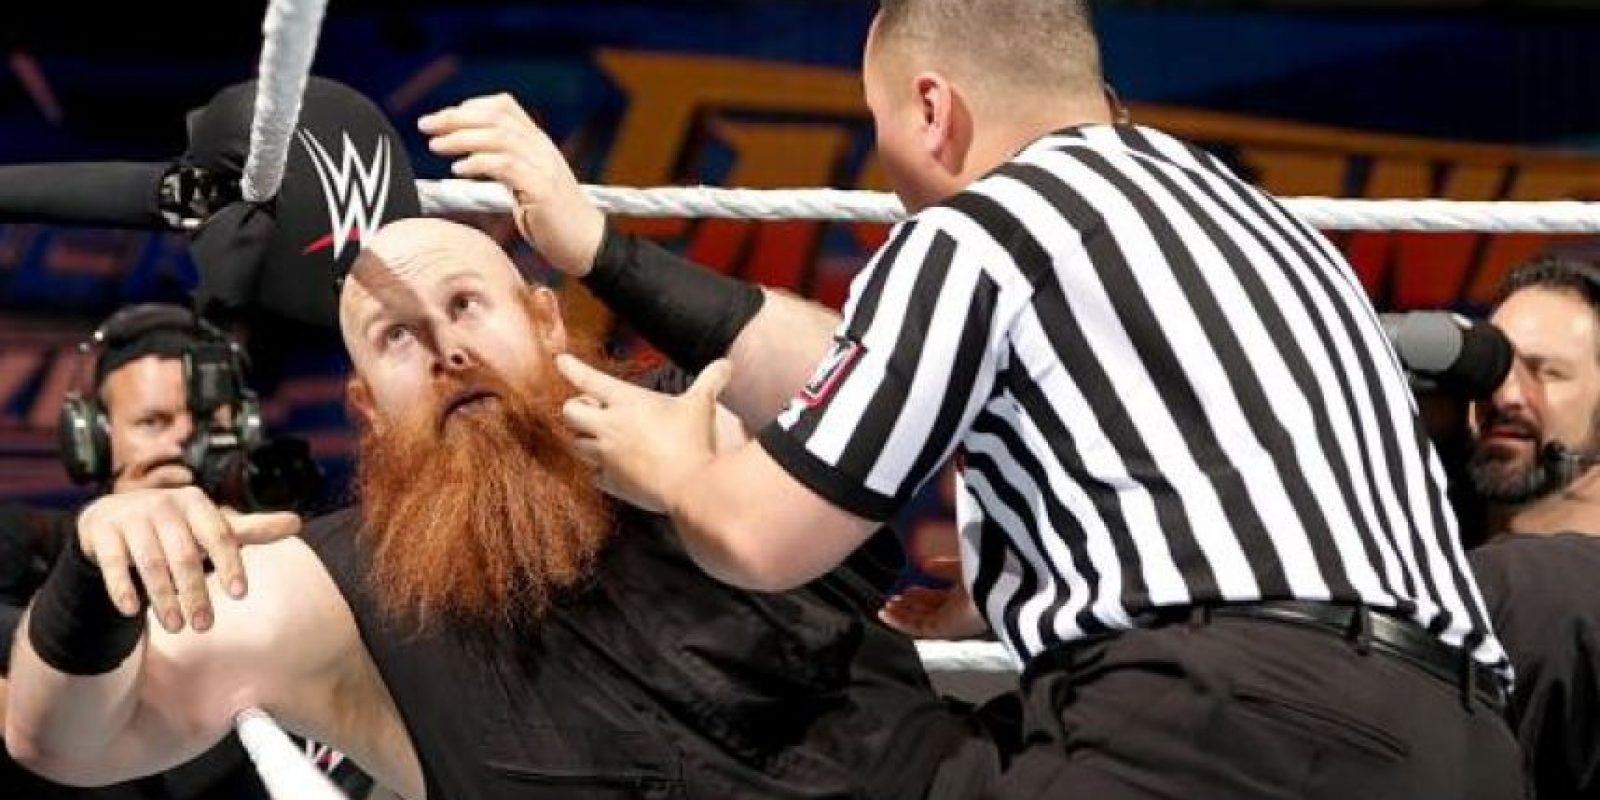 Trató mal a Erick Rowan Foto:WWE